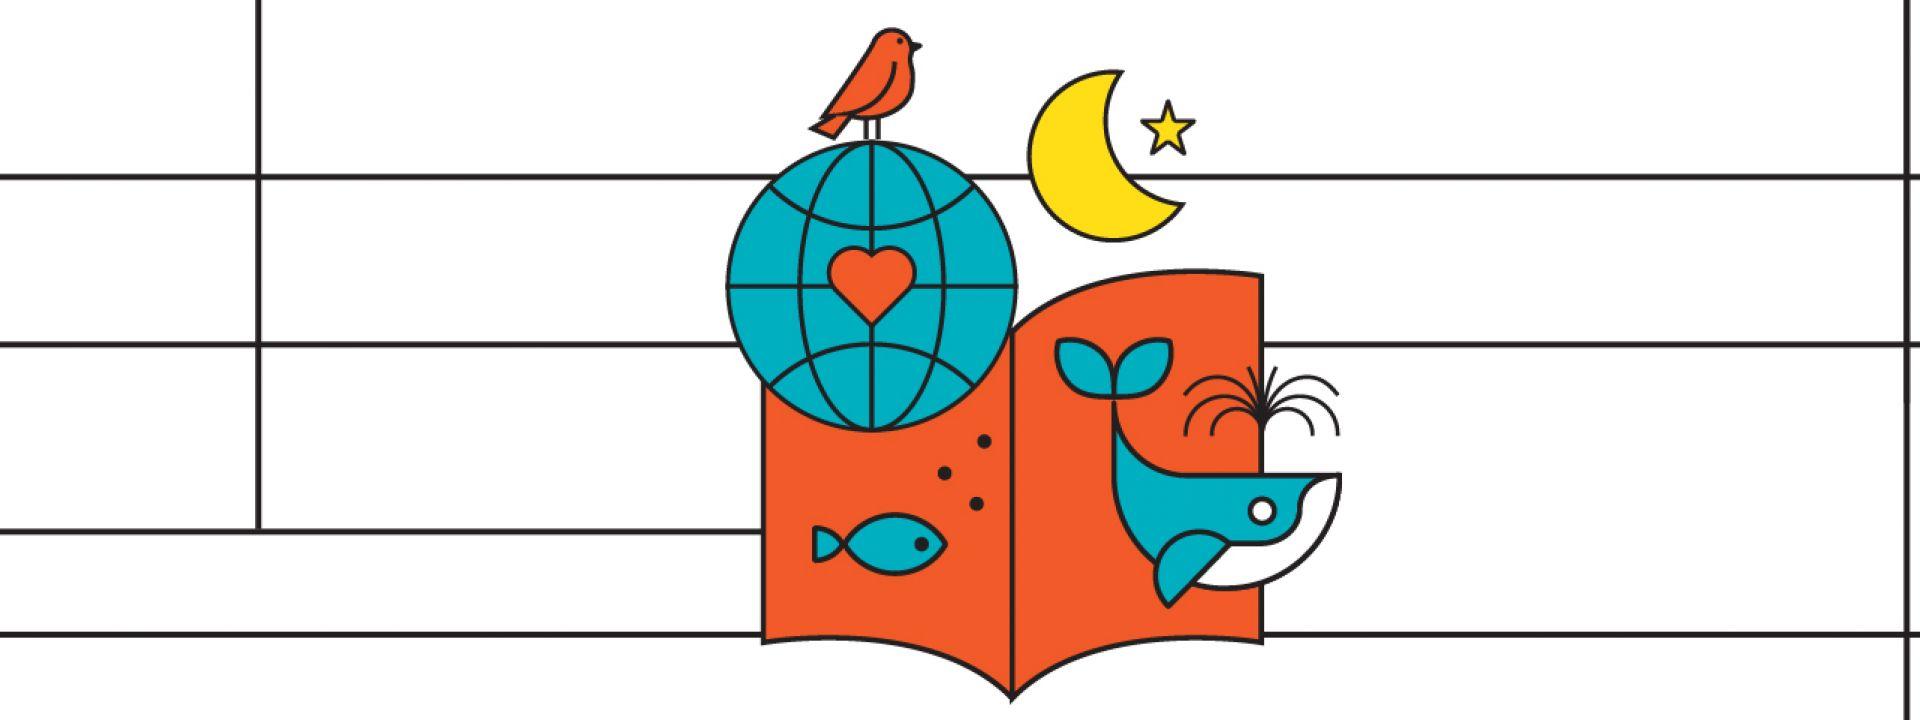 Εικαστικό για το Πρόγραμμα δια βίου μάθησης Αεί Διδασκόμενοι